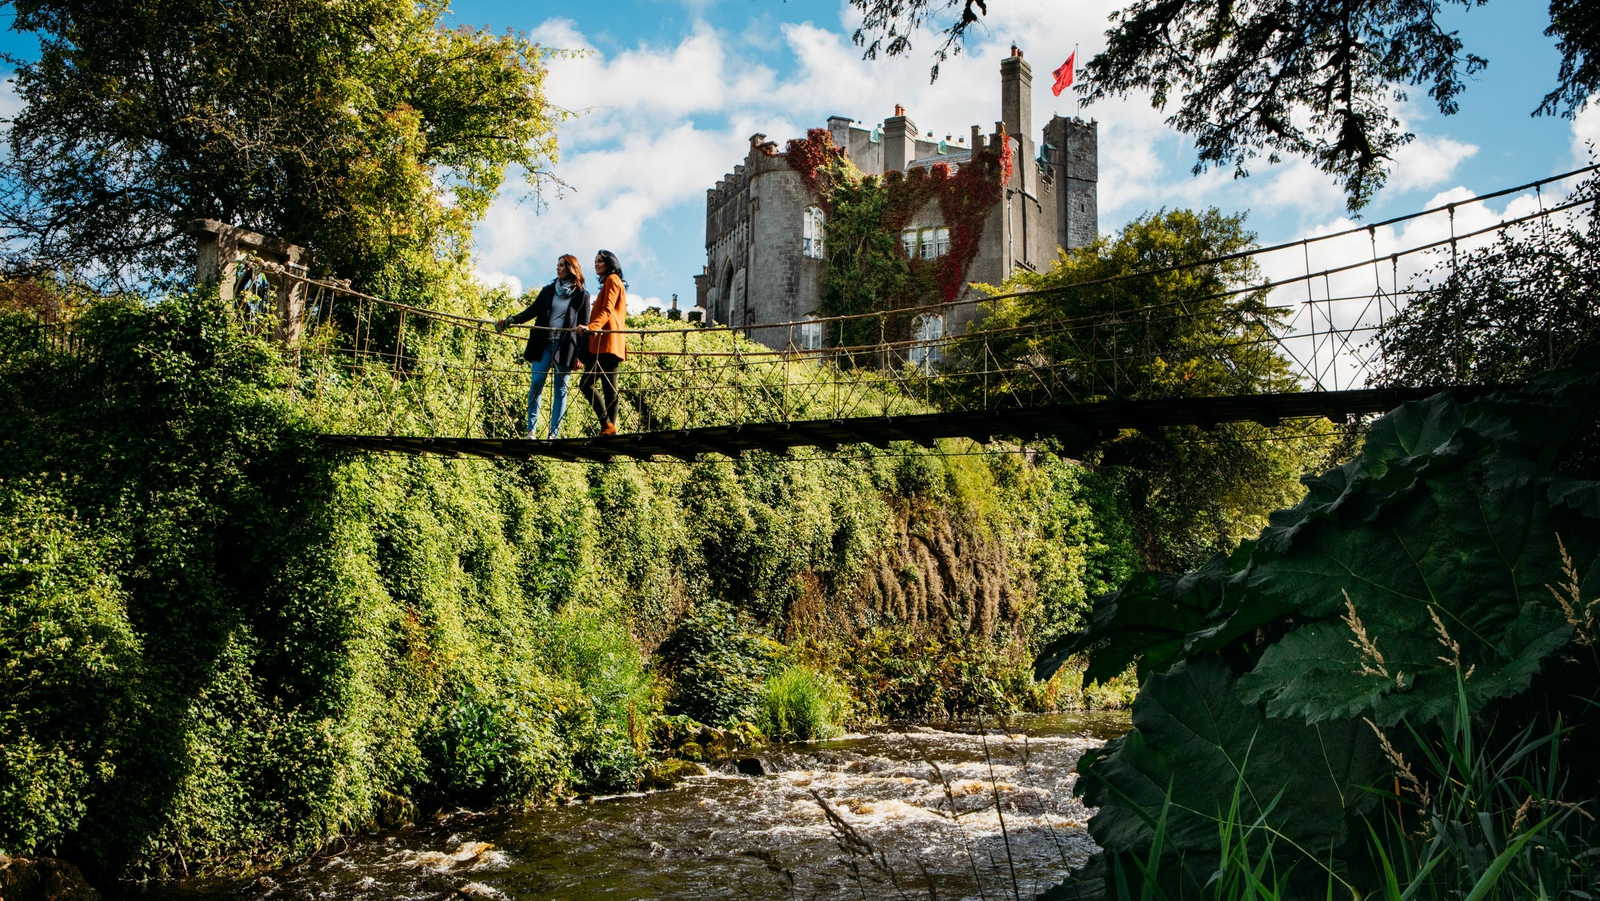 Image - Sample the best of the Ireland's Hidden Heartlands in Birr Castle and Gardens